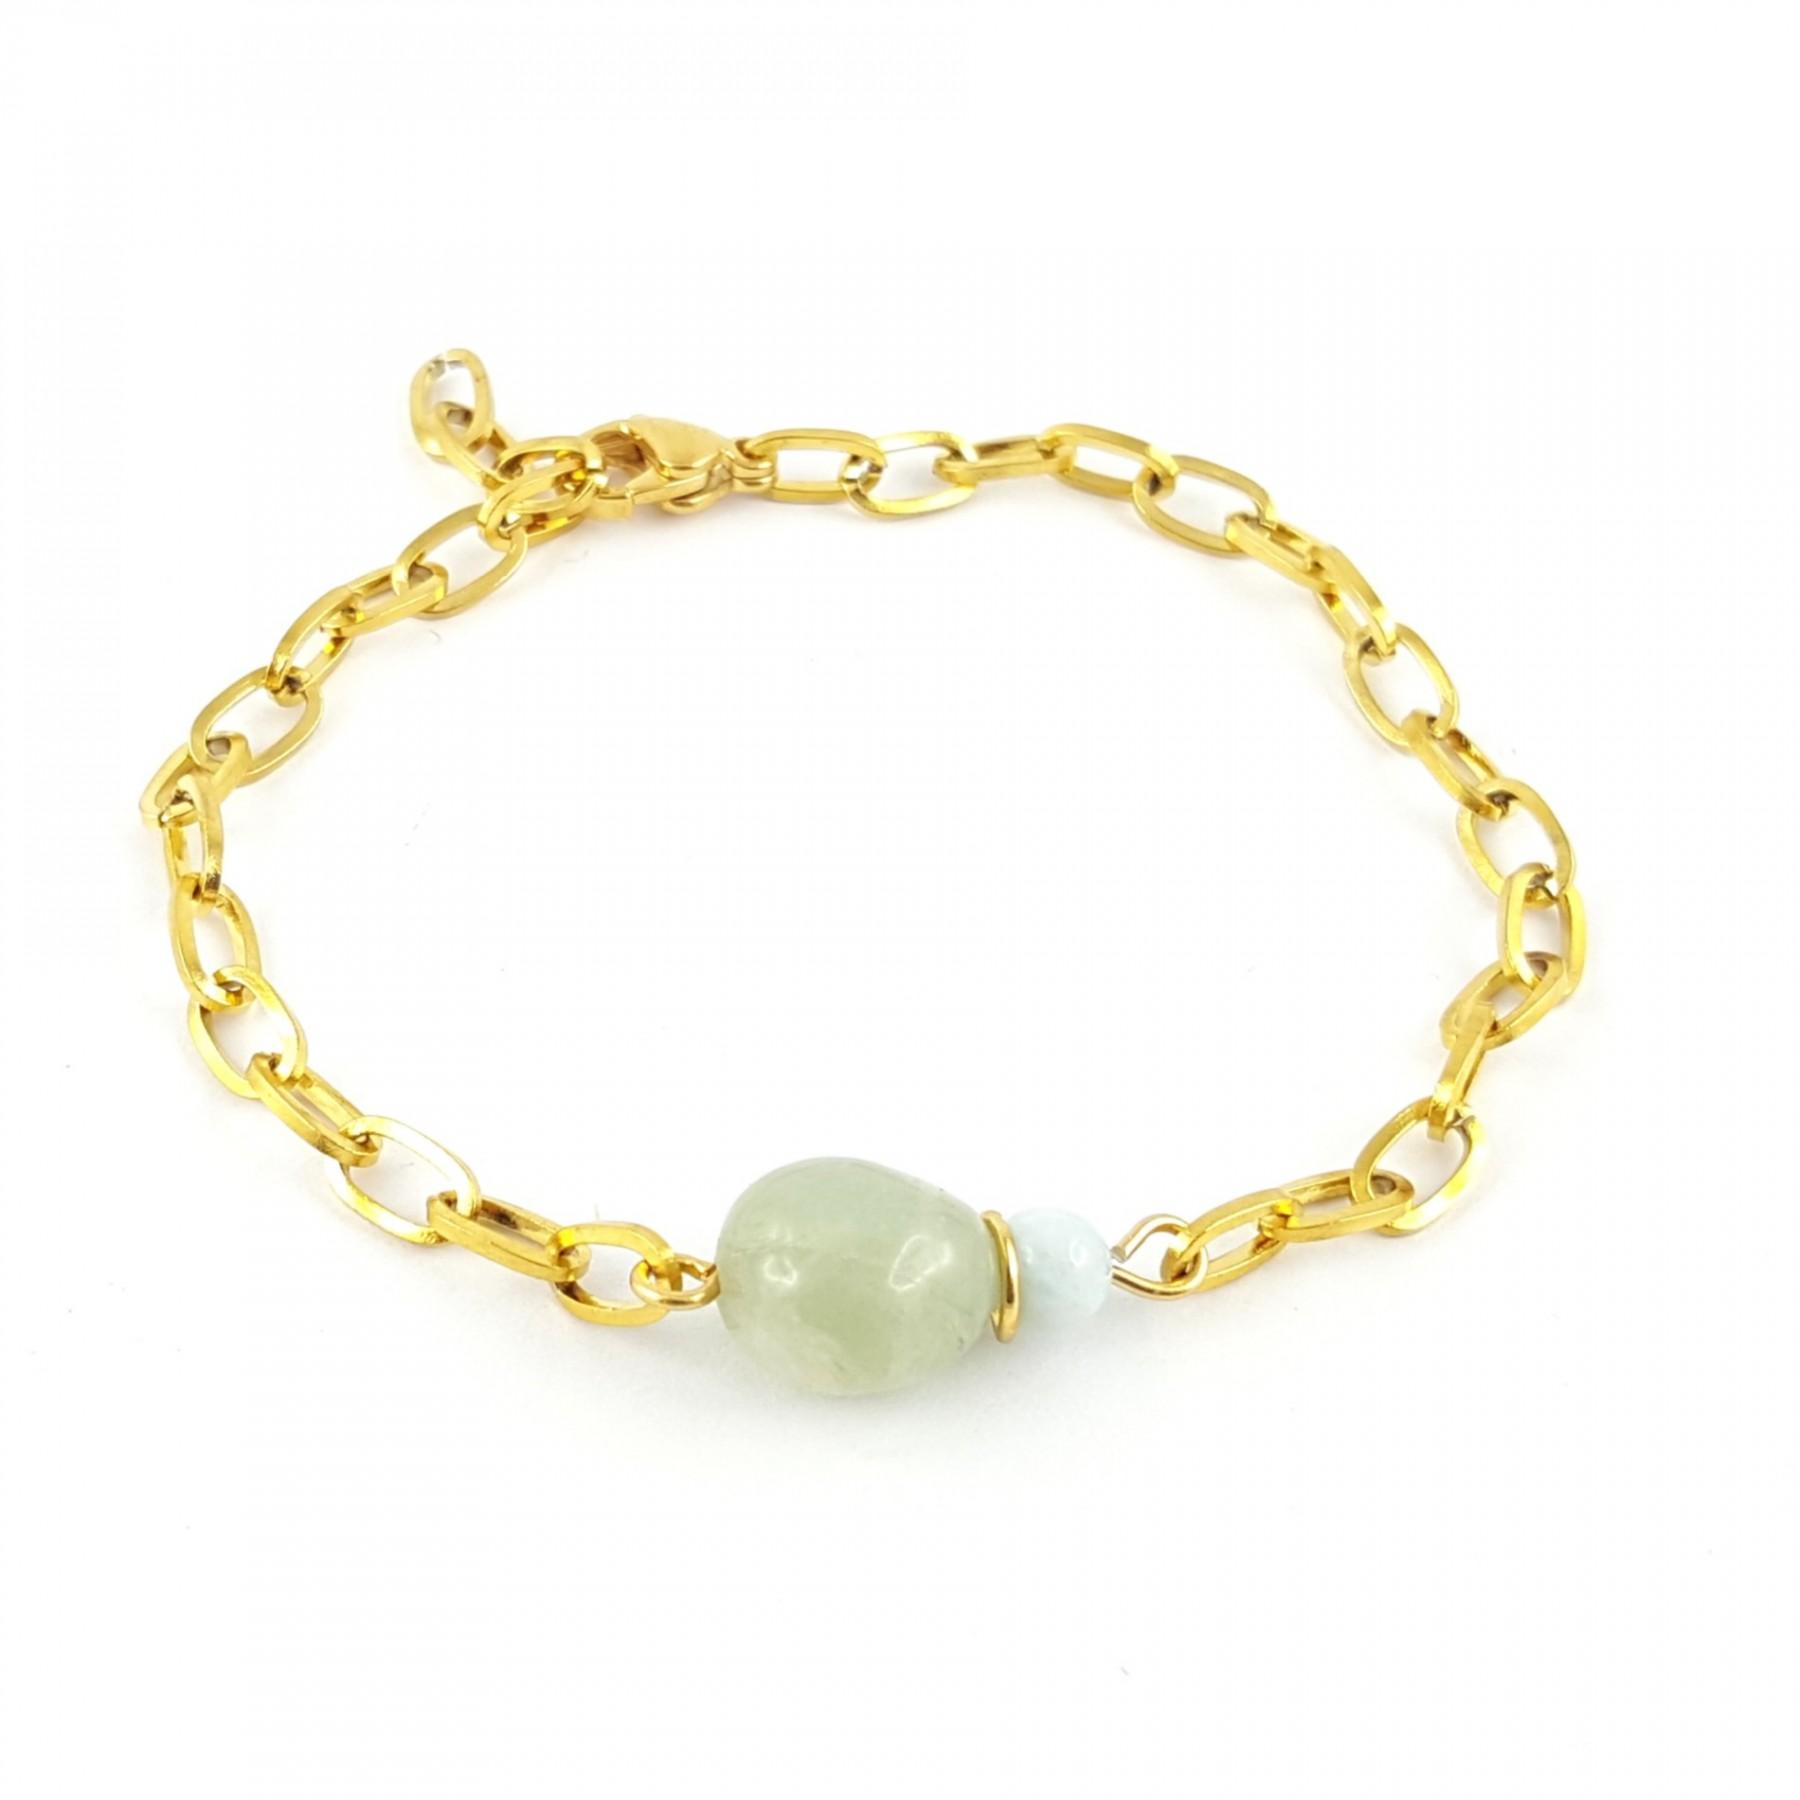 Bracelet chaîne aigue-marine